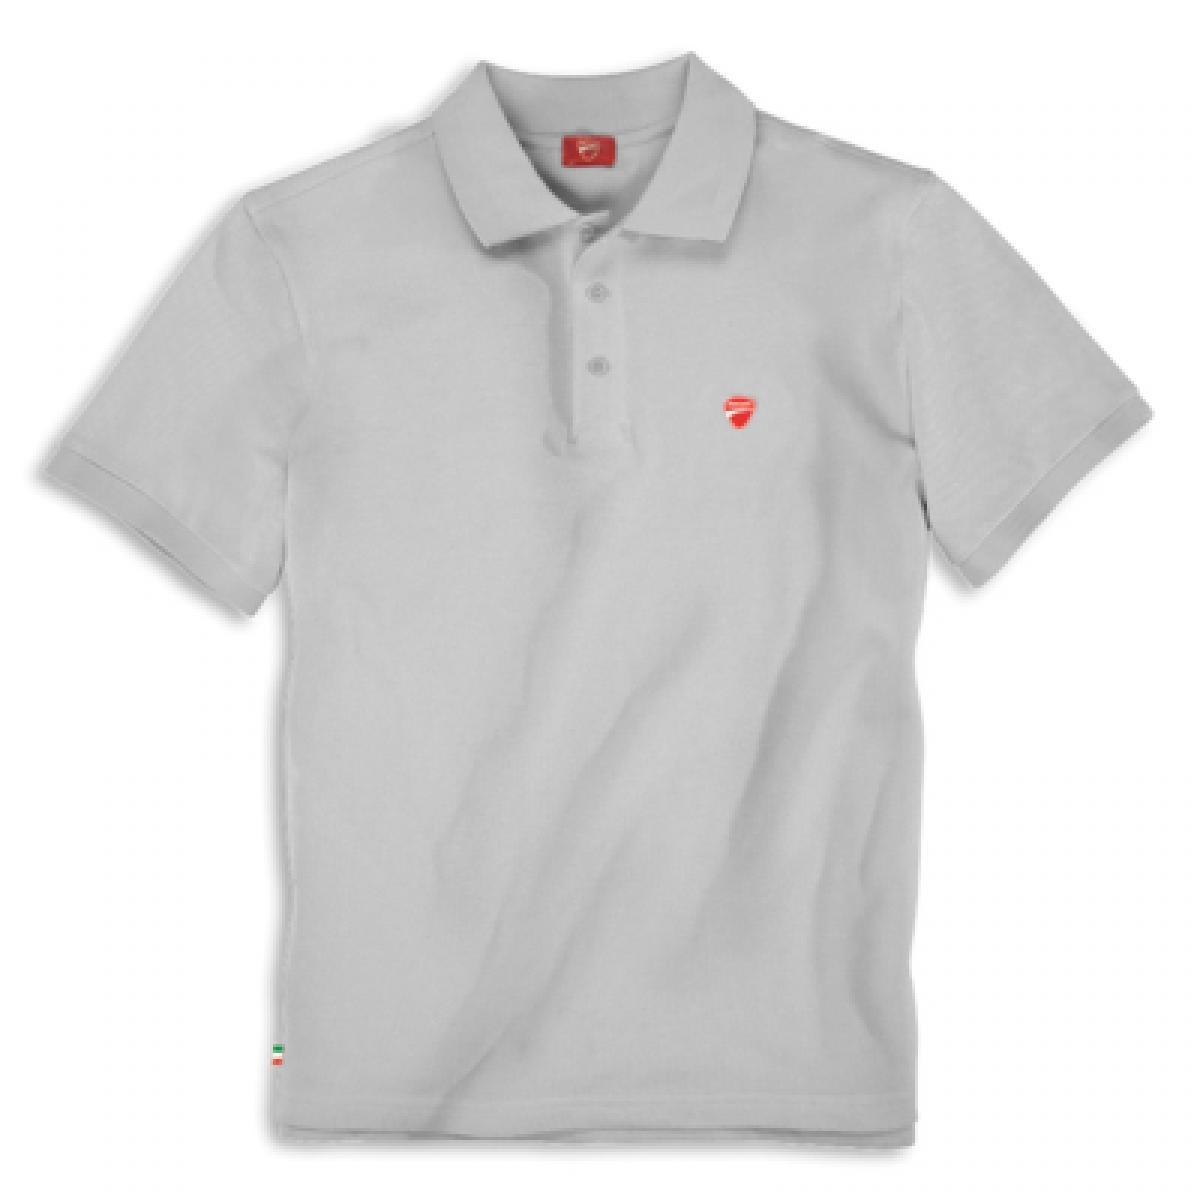 shirt RALA PR649 Premier PR649 Chef/'s Coolchecker t-shirt Blank Plain